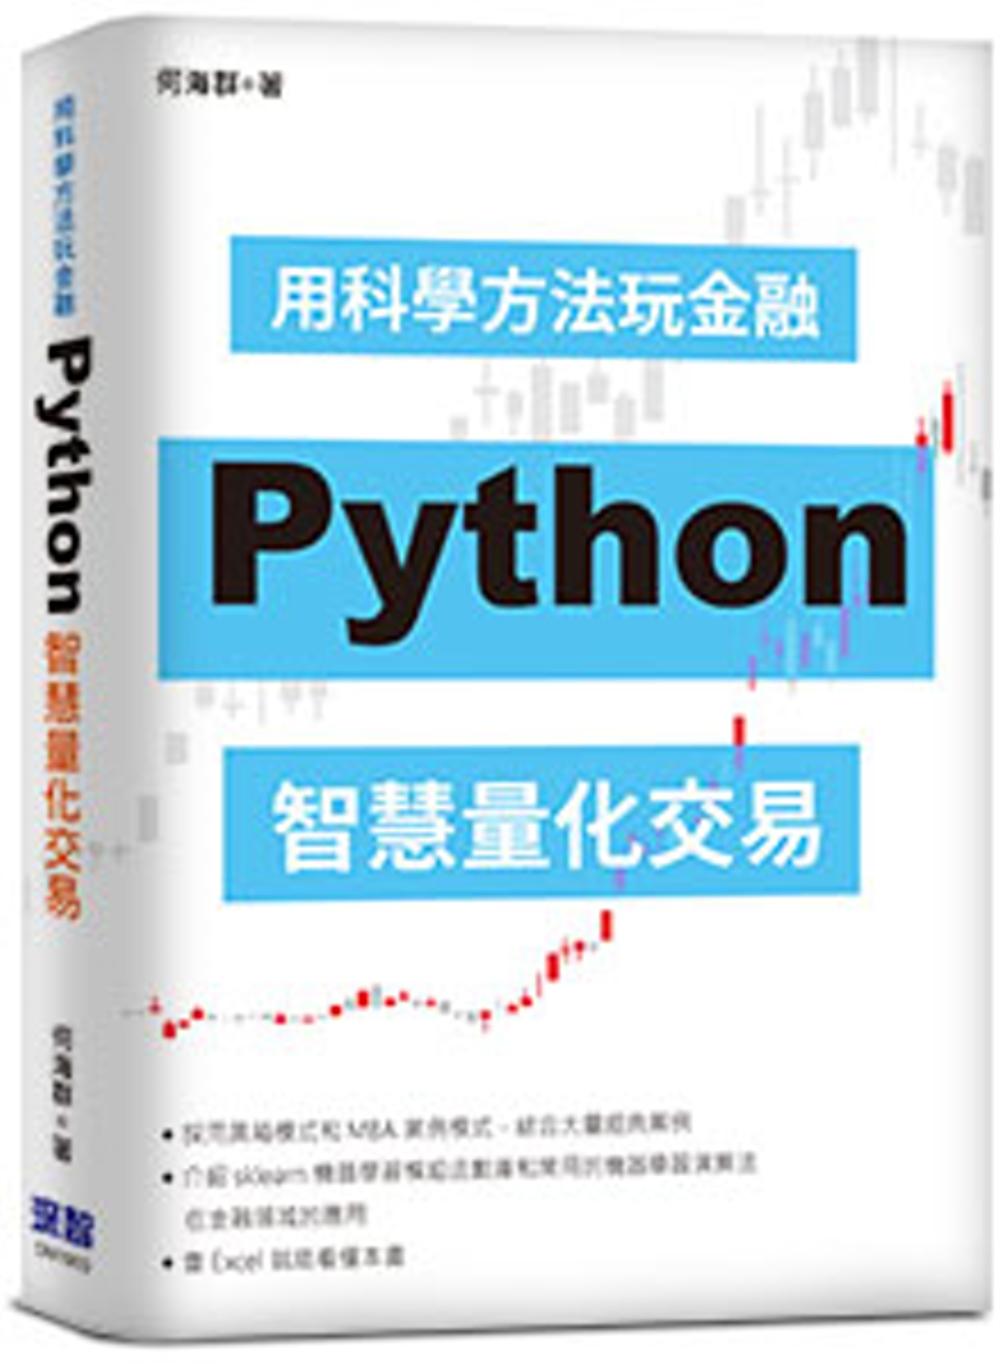 用科學方法玩金融:Python智慧量化交易